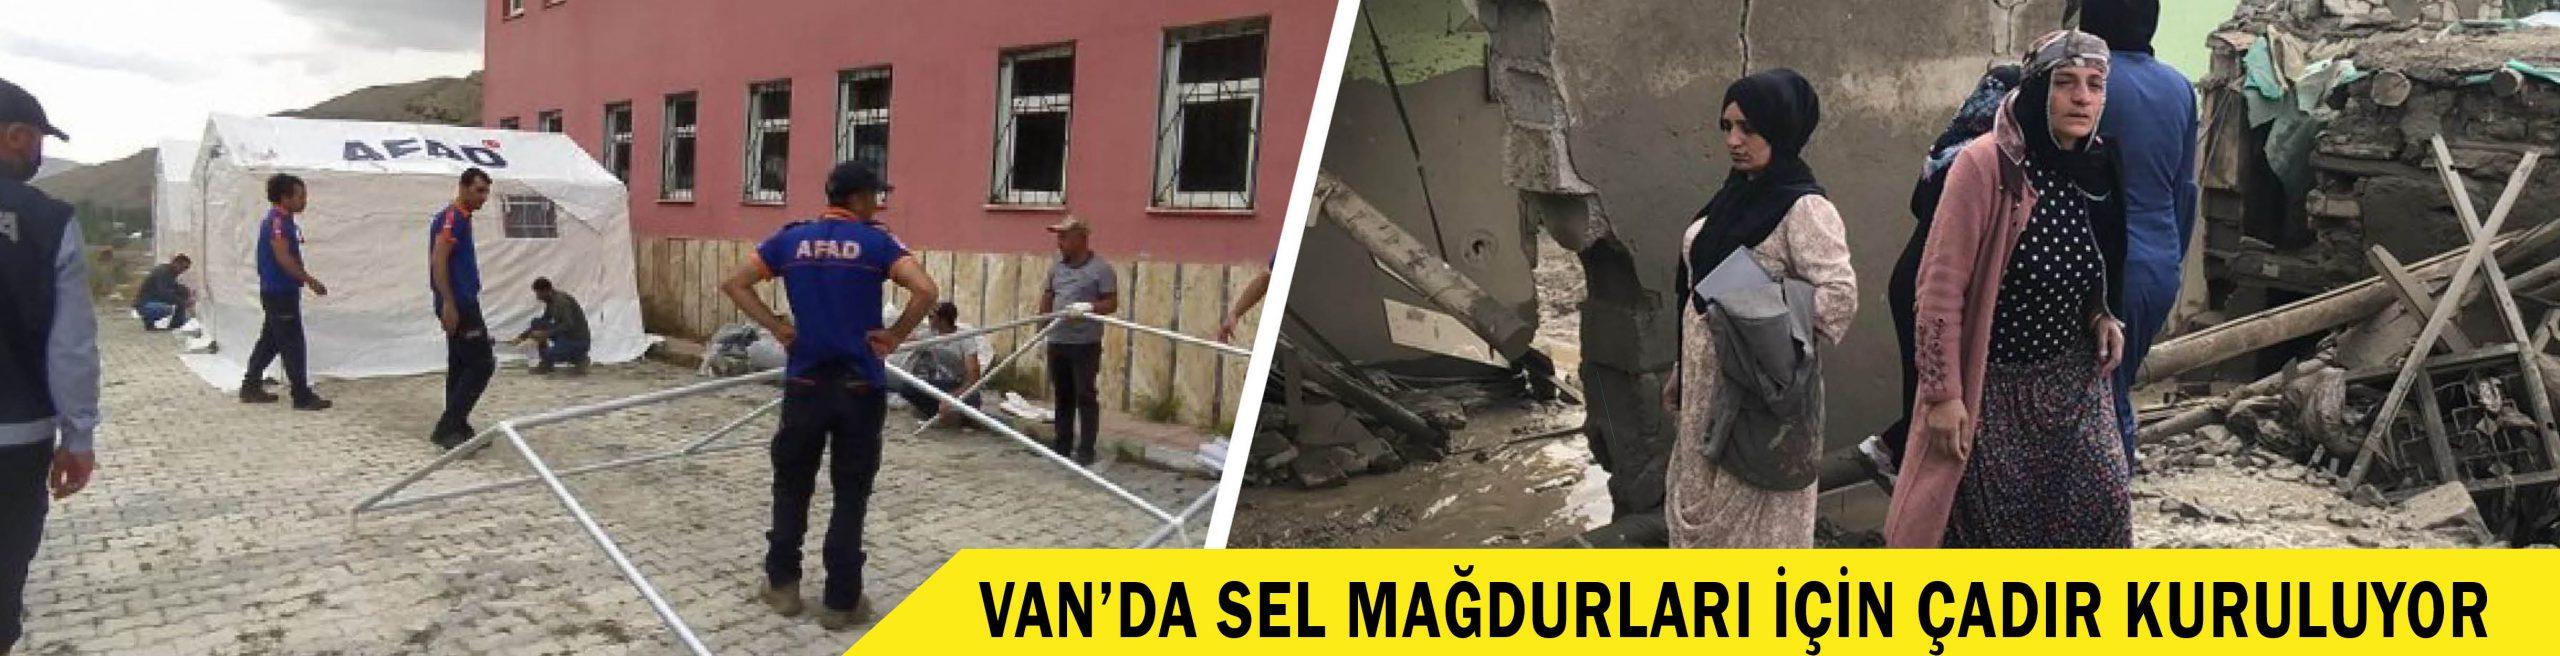 VAN'DA SEL MAĞDURLARI İÇİN ÇADIR KURULUYOR